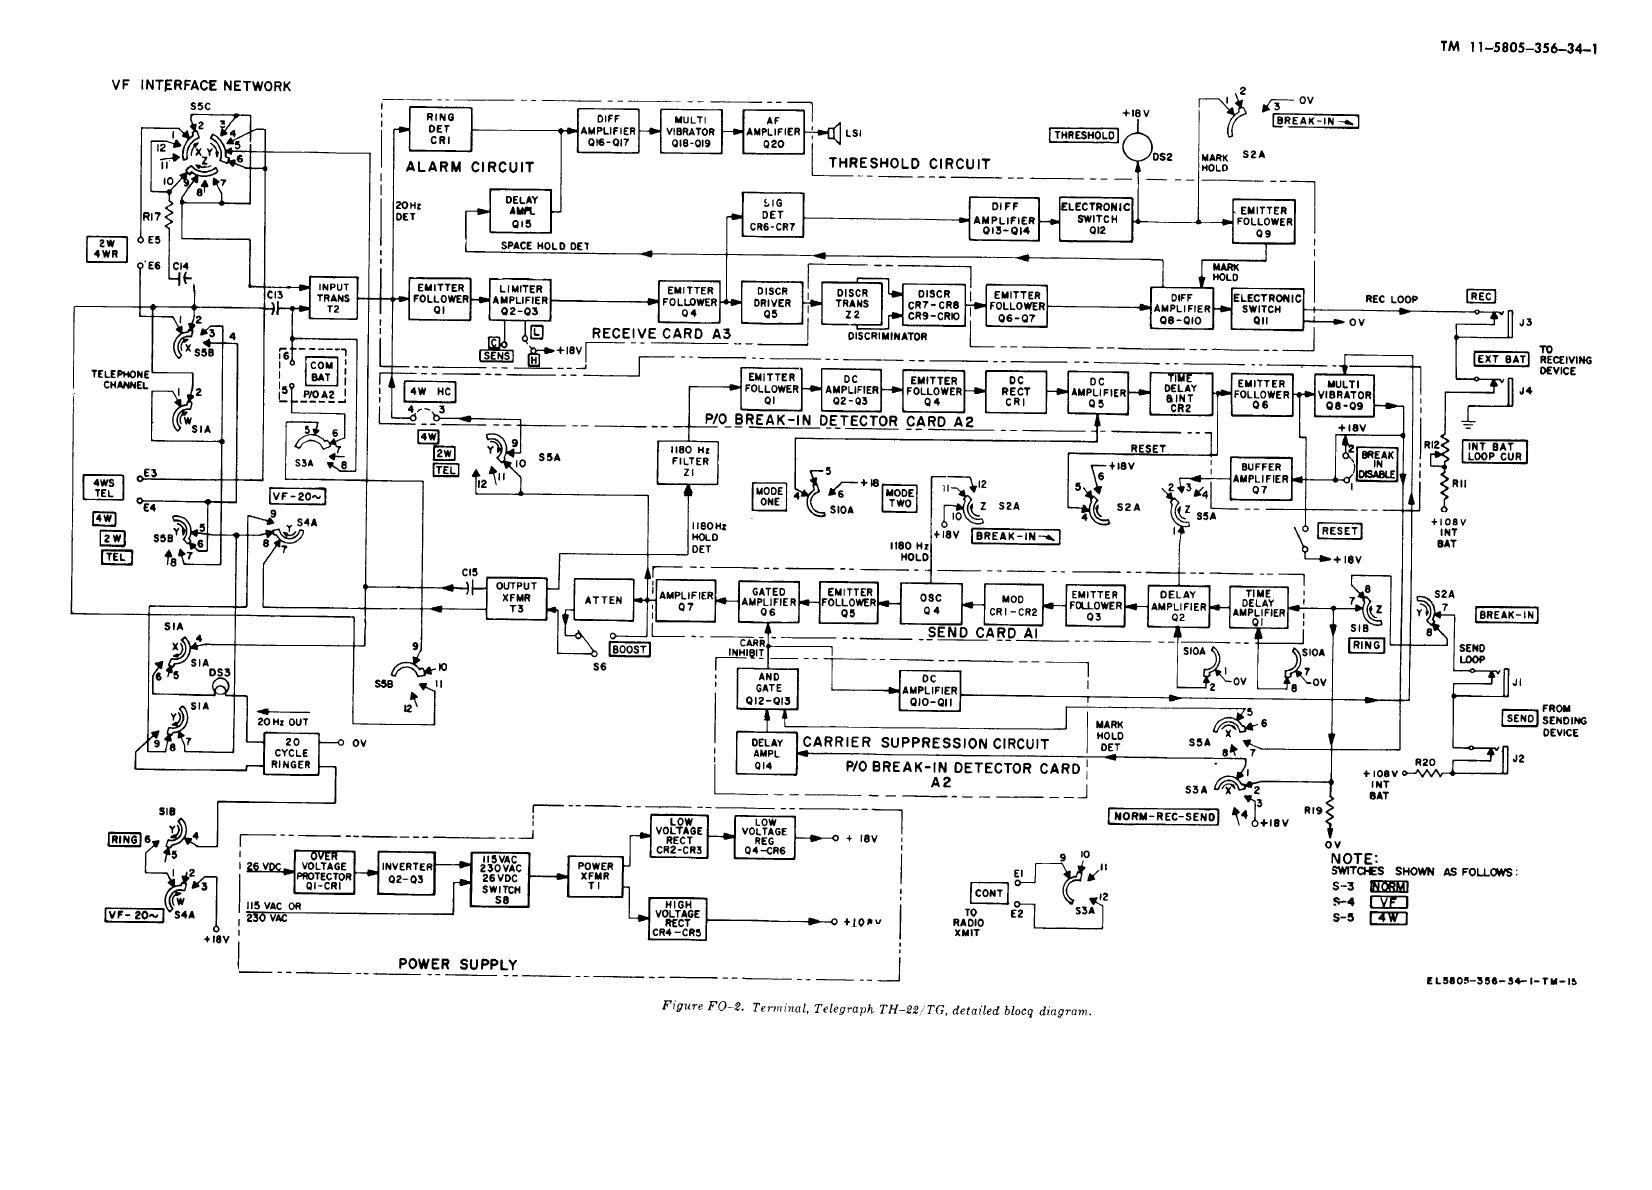 Wiring Diagram Telegraph Key : Telegraph wiring diagram get free image about